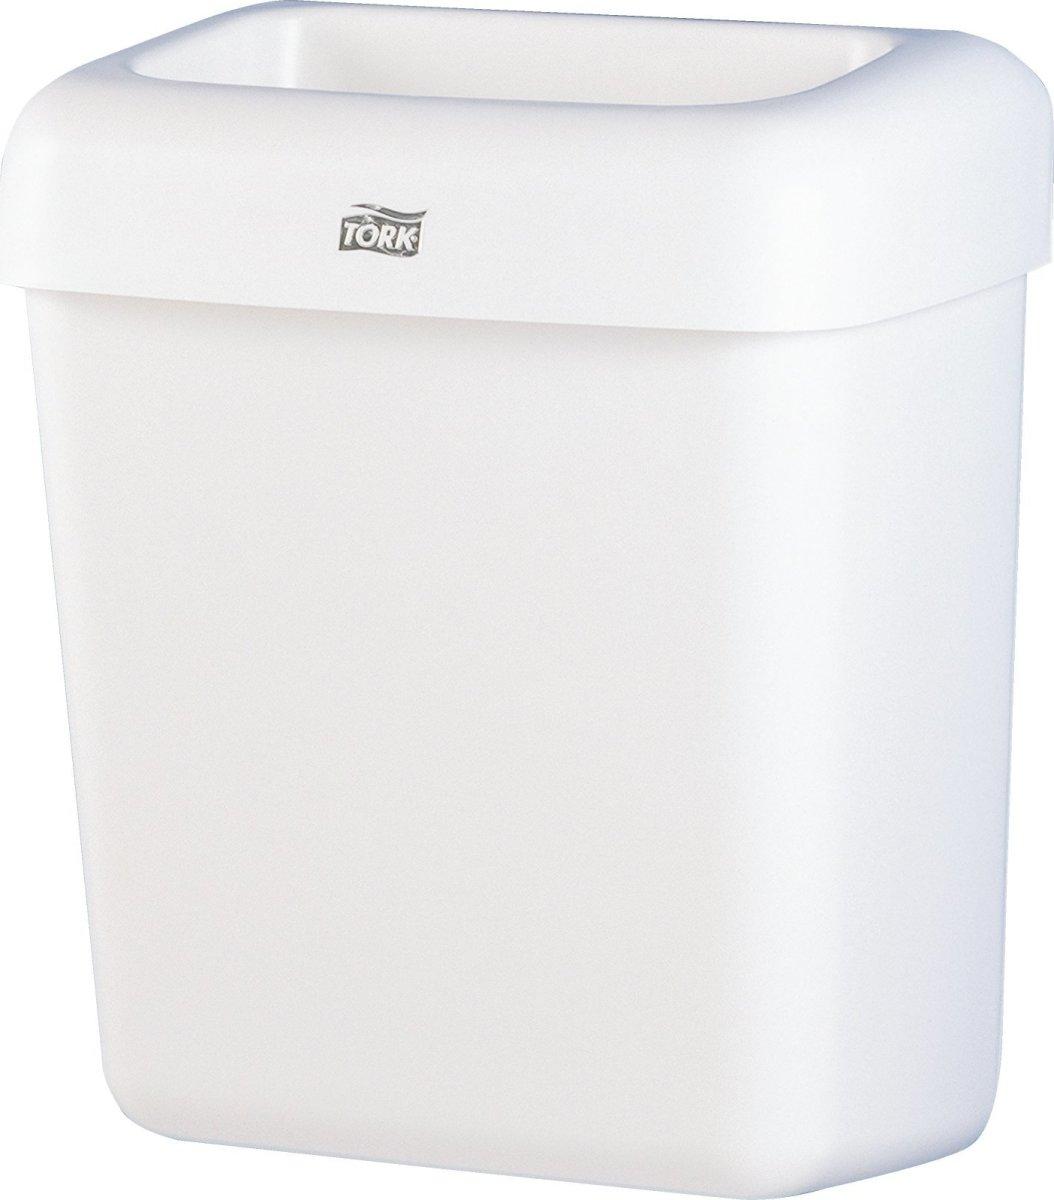 Tork B2 Affaldsbeholder, 20 liter, hvid